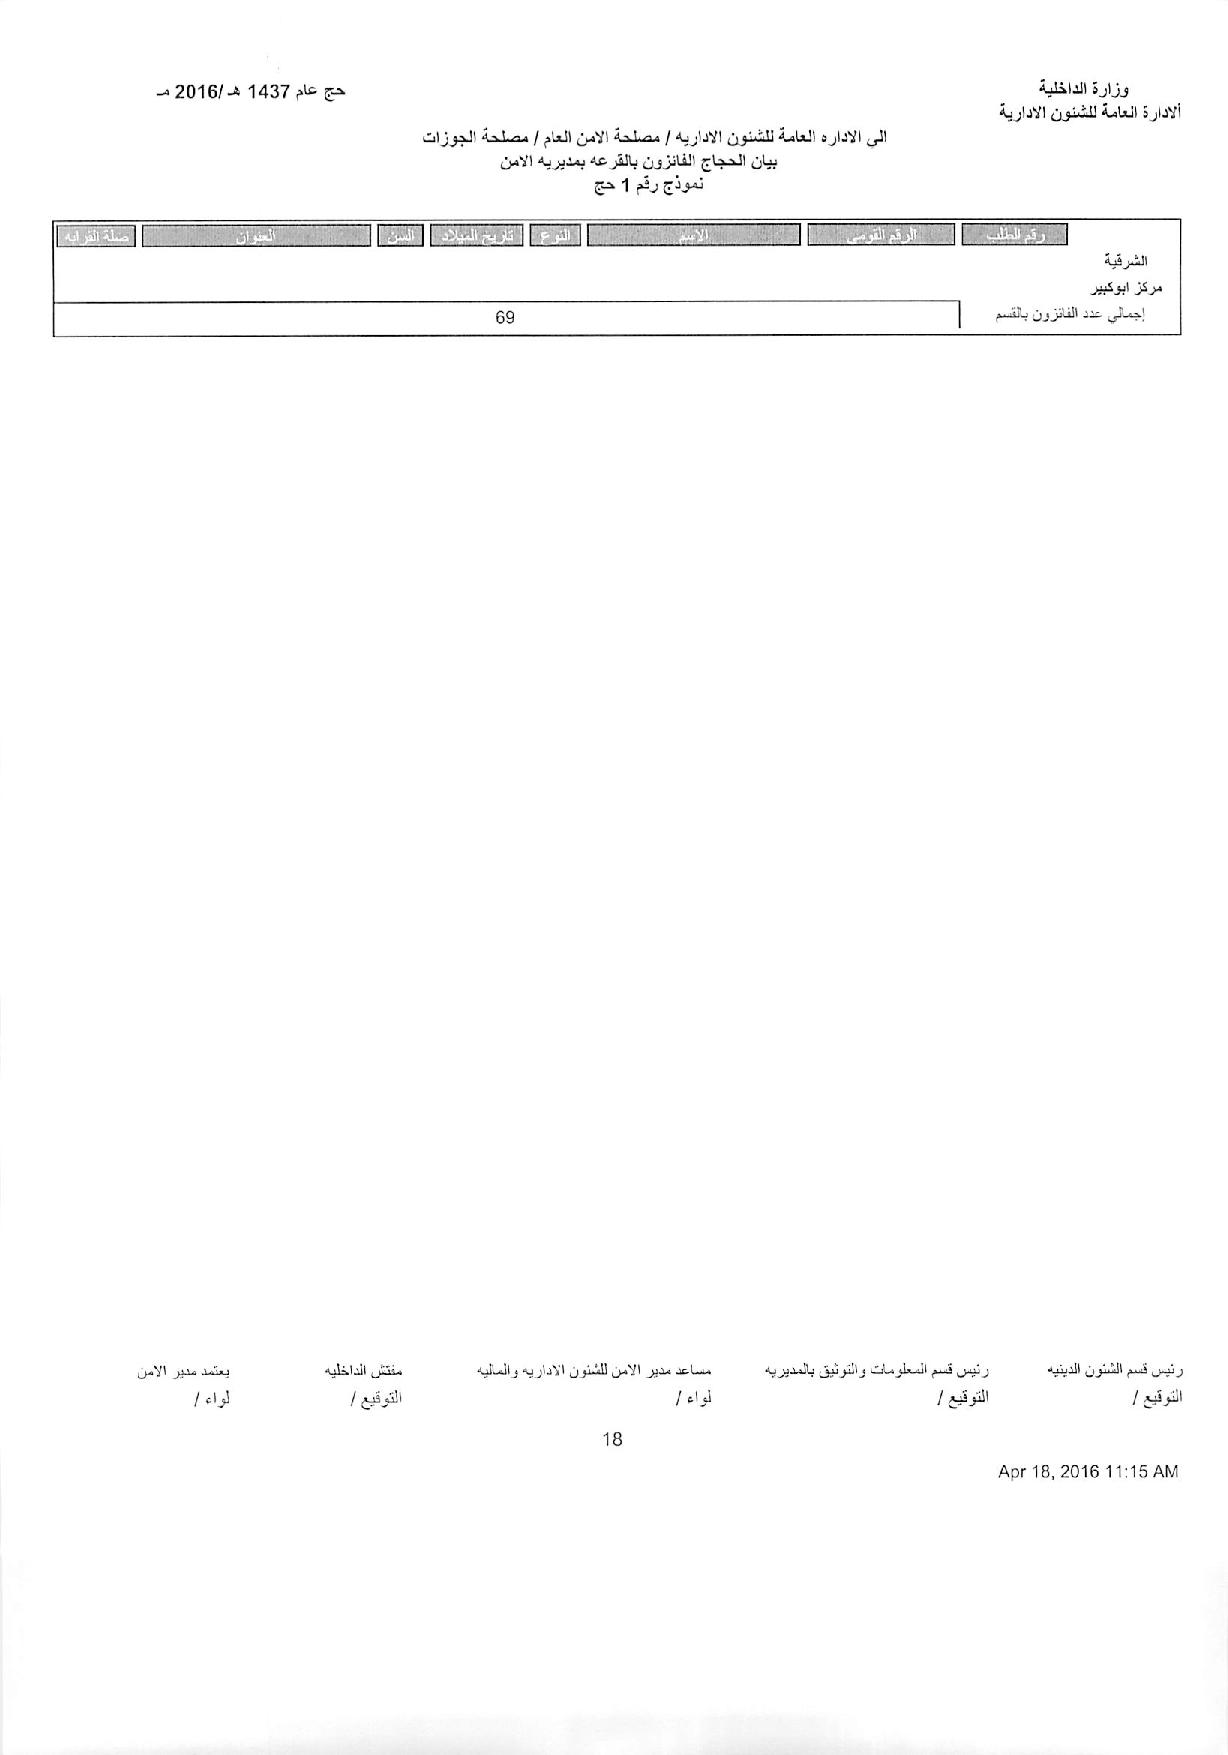 اسماء الحجاج الفائزون بالقرعة لعام 1437هـ 2016م (54)